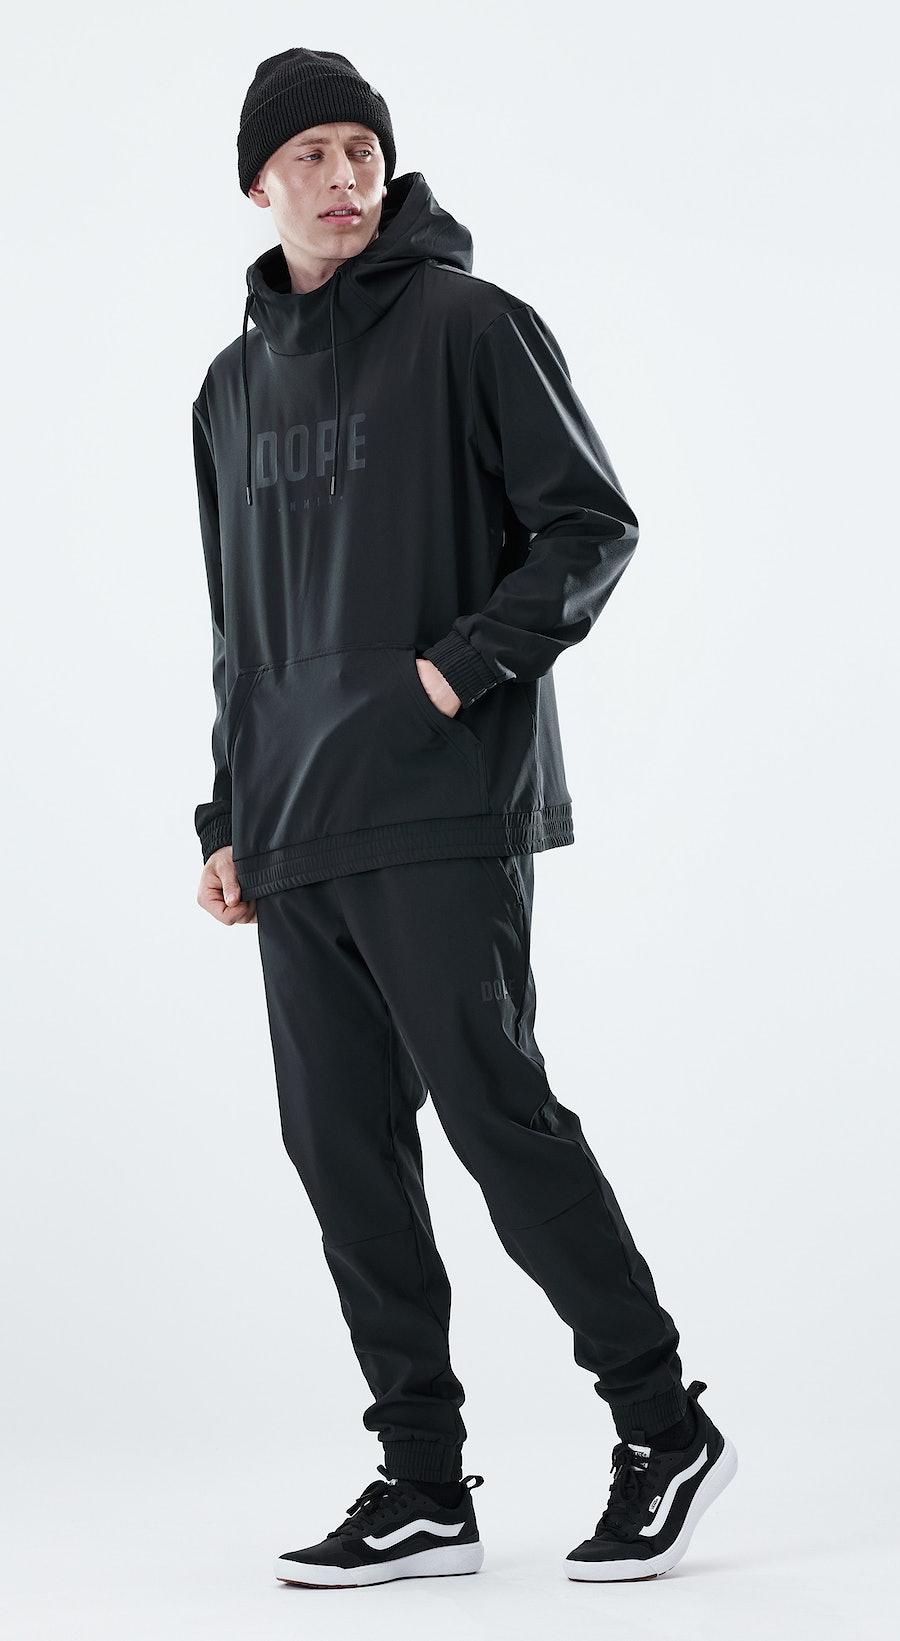 Dope Flight PO Blackout Outfit Multi